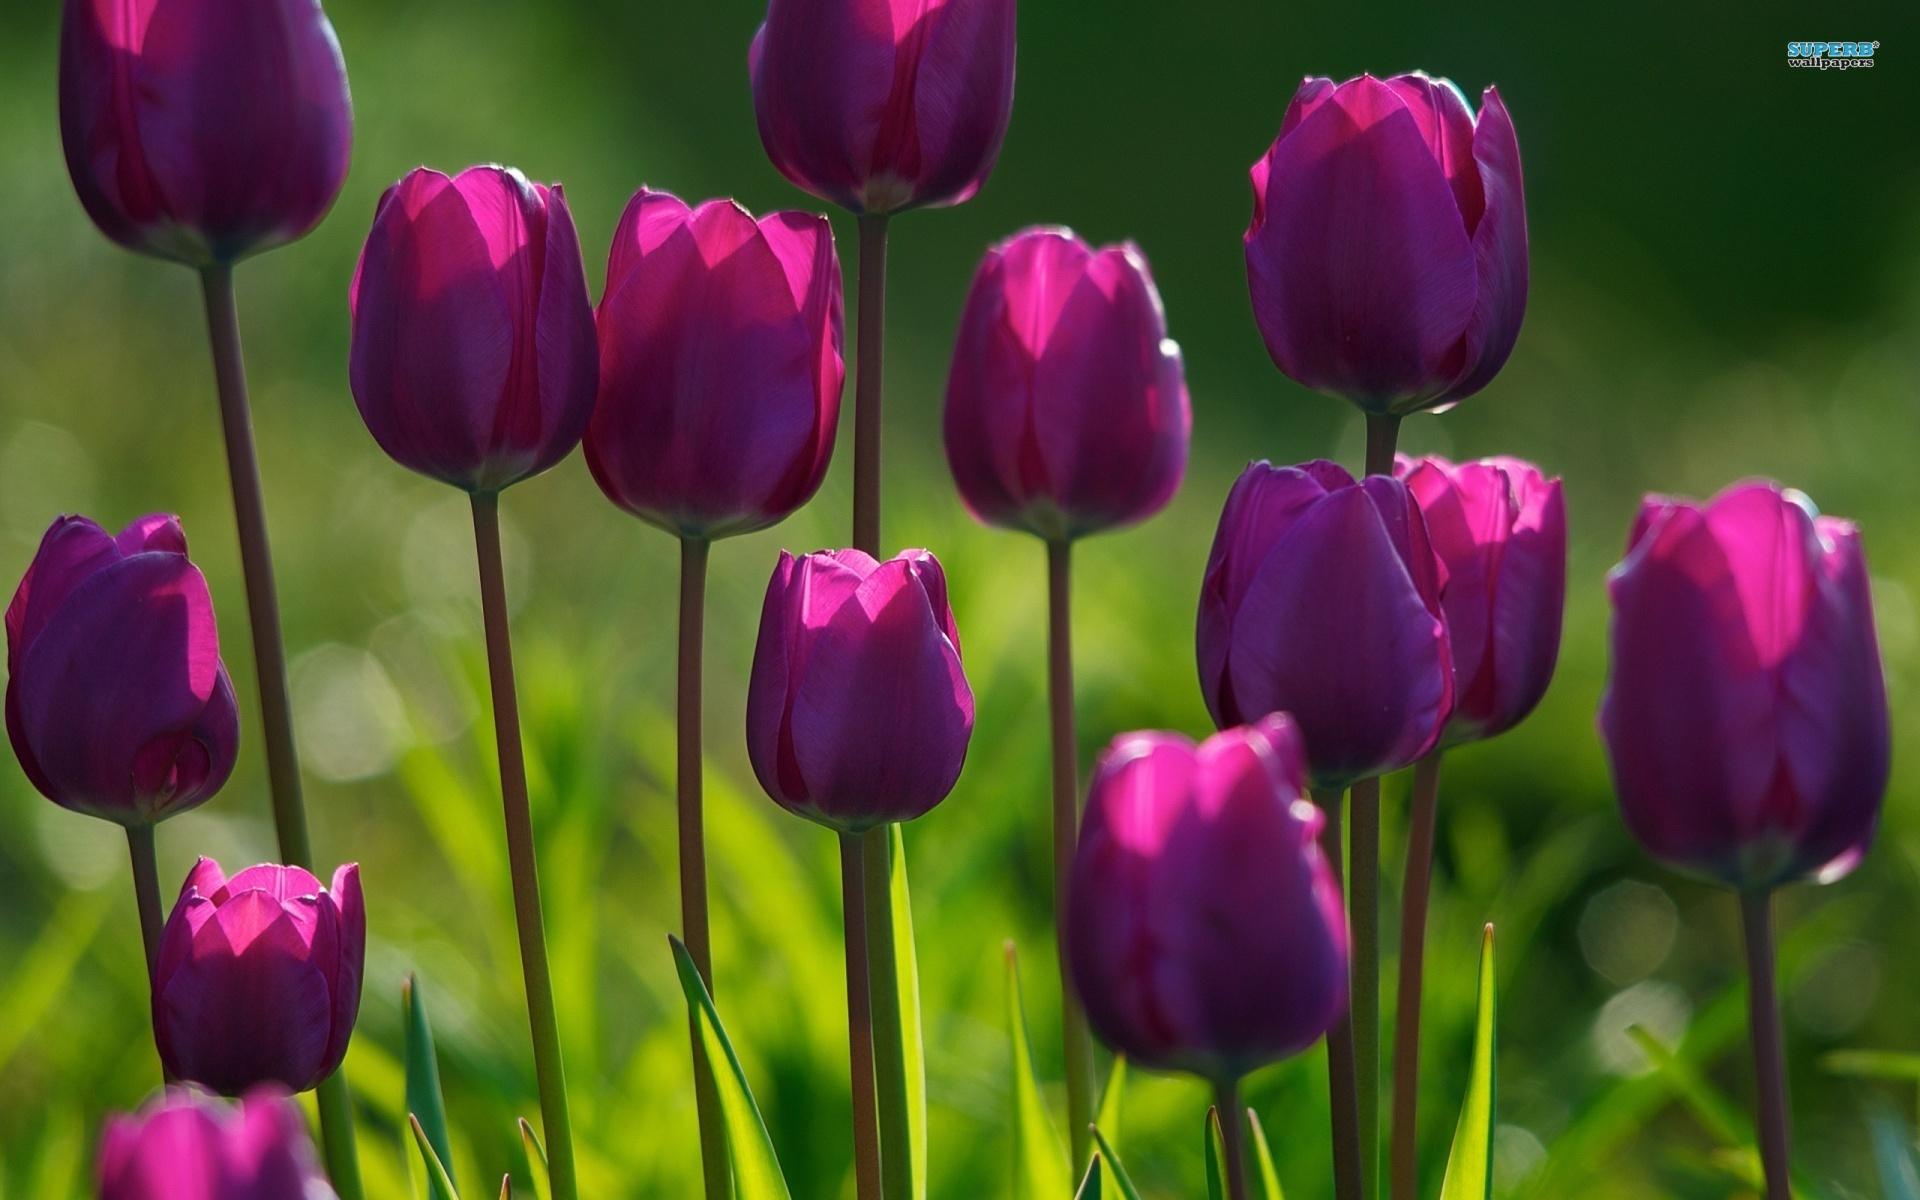 Tulips Purple Flowers